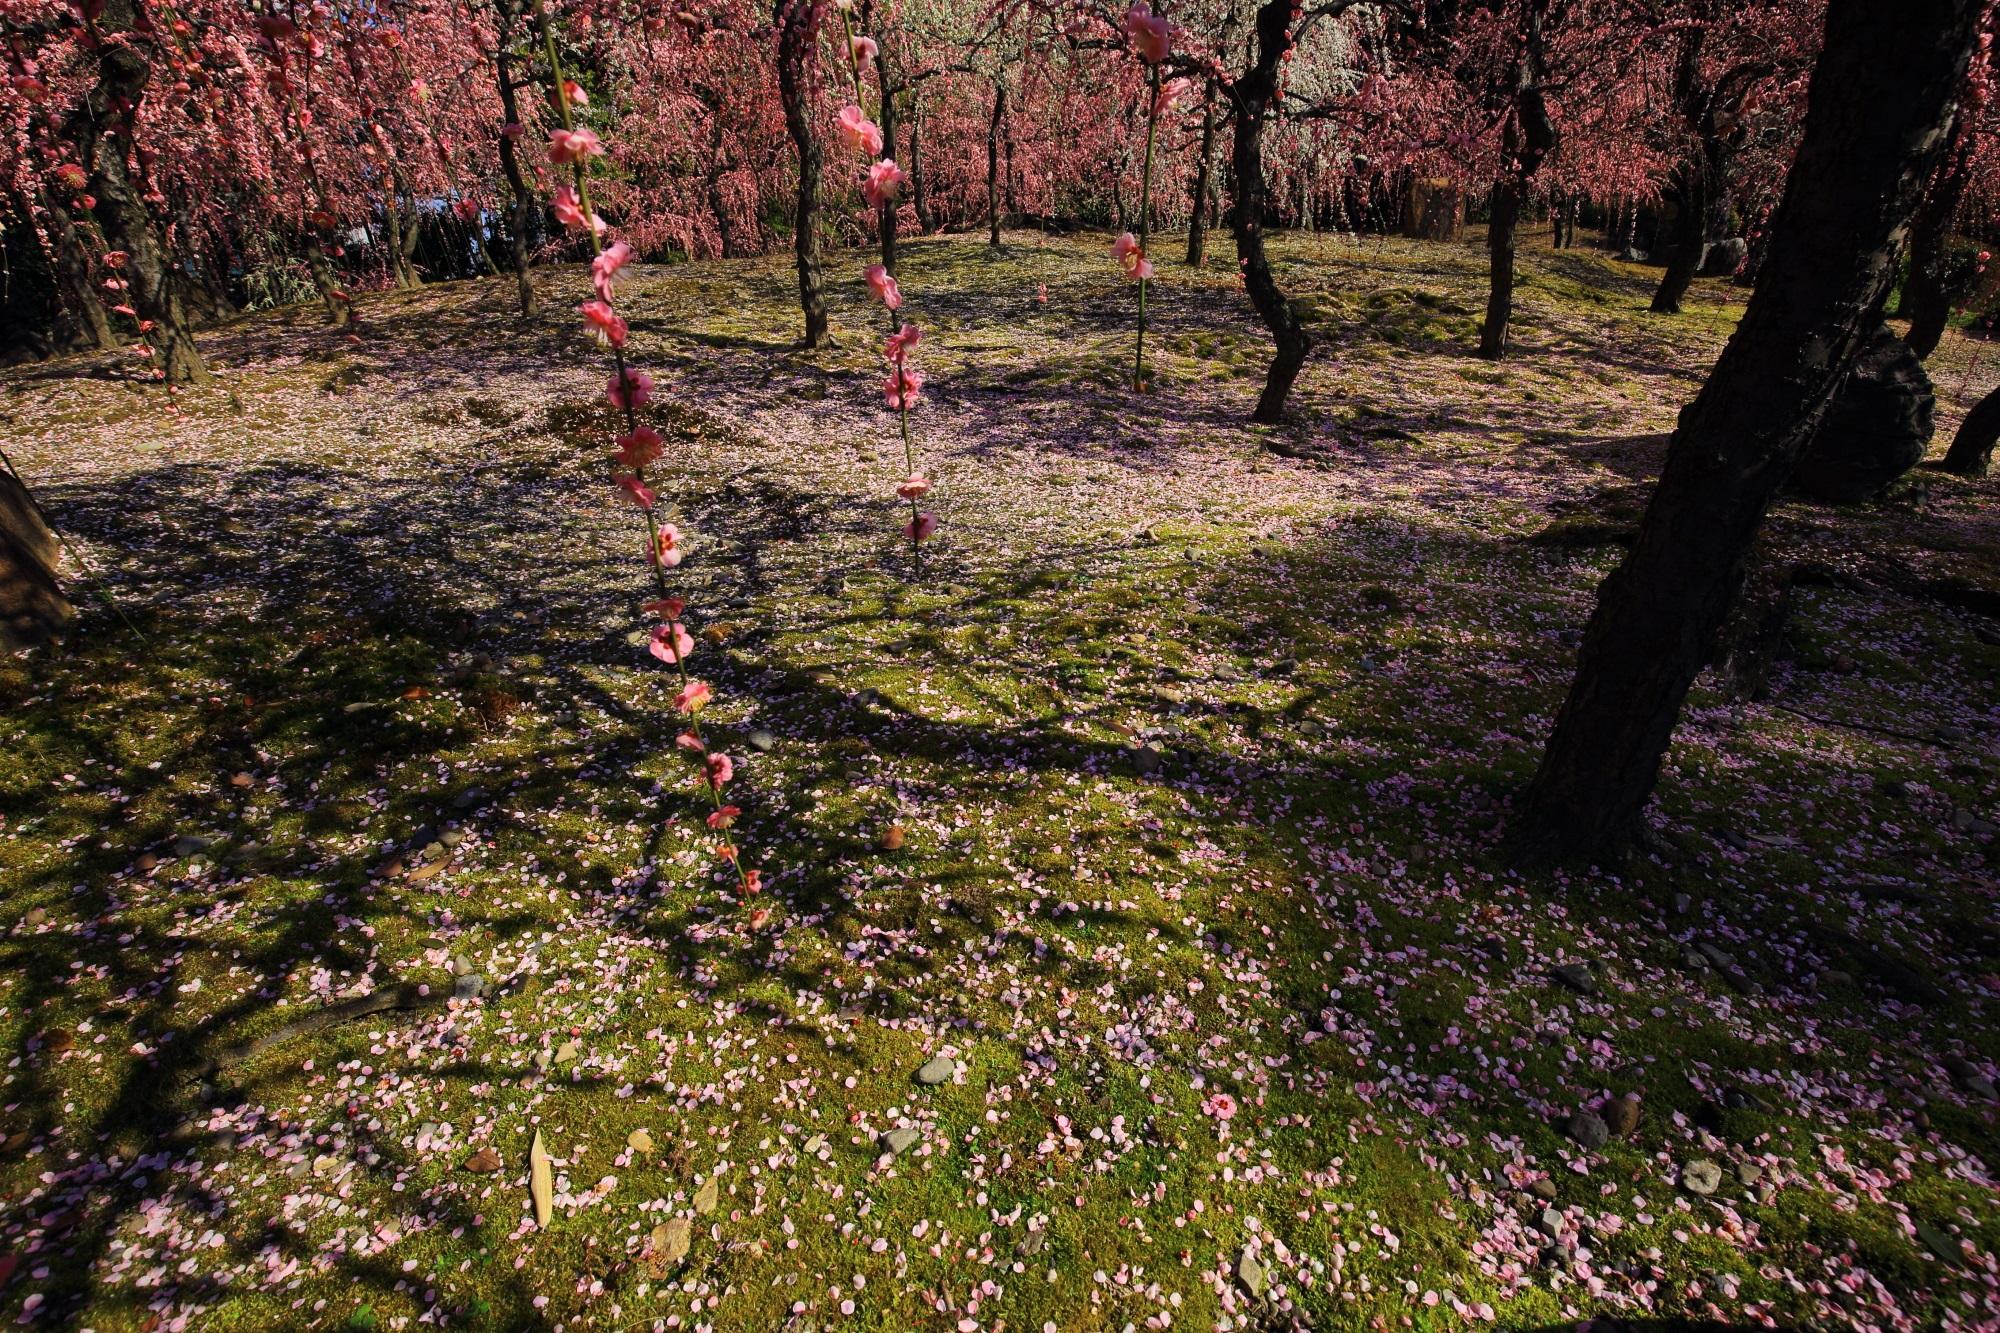 夢のようなピンクのしだれ梅の空間